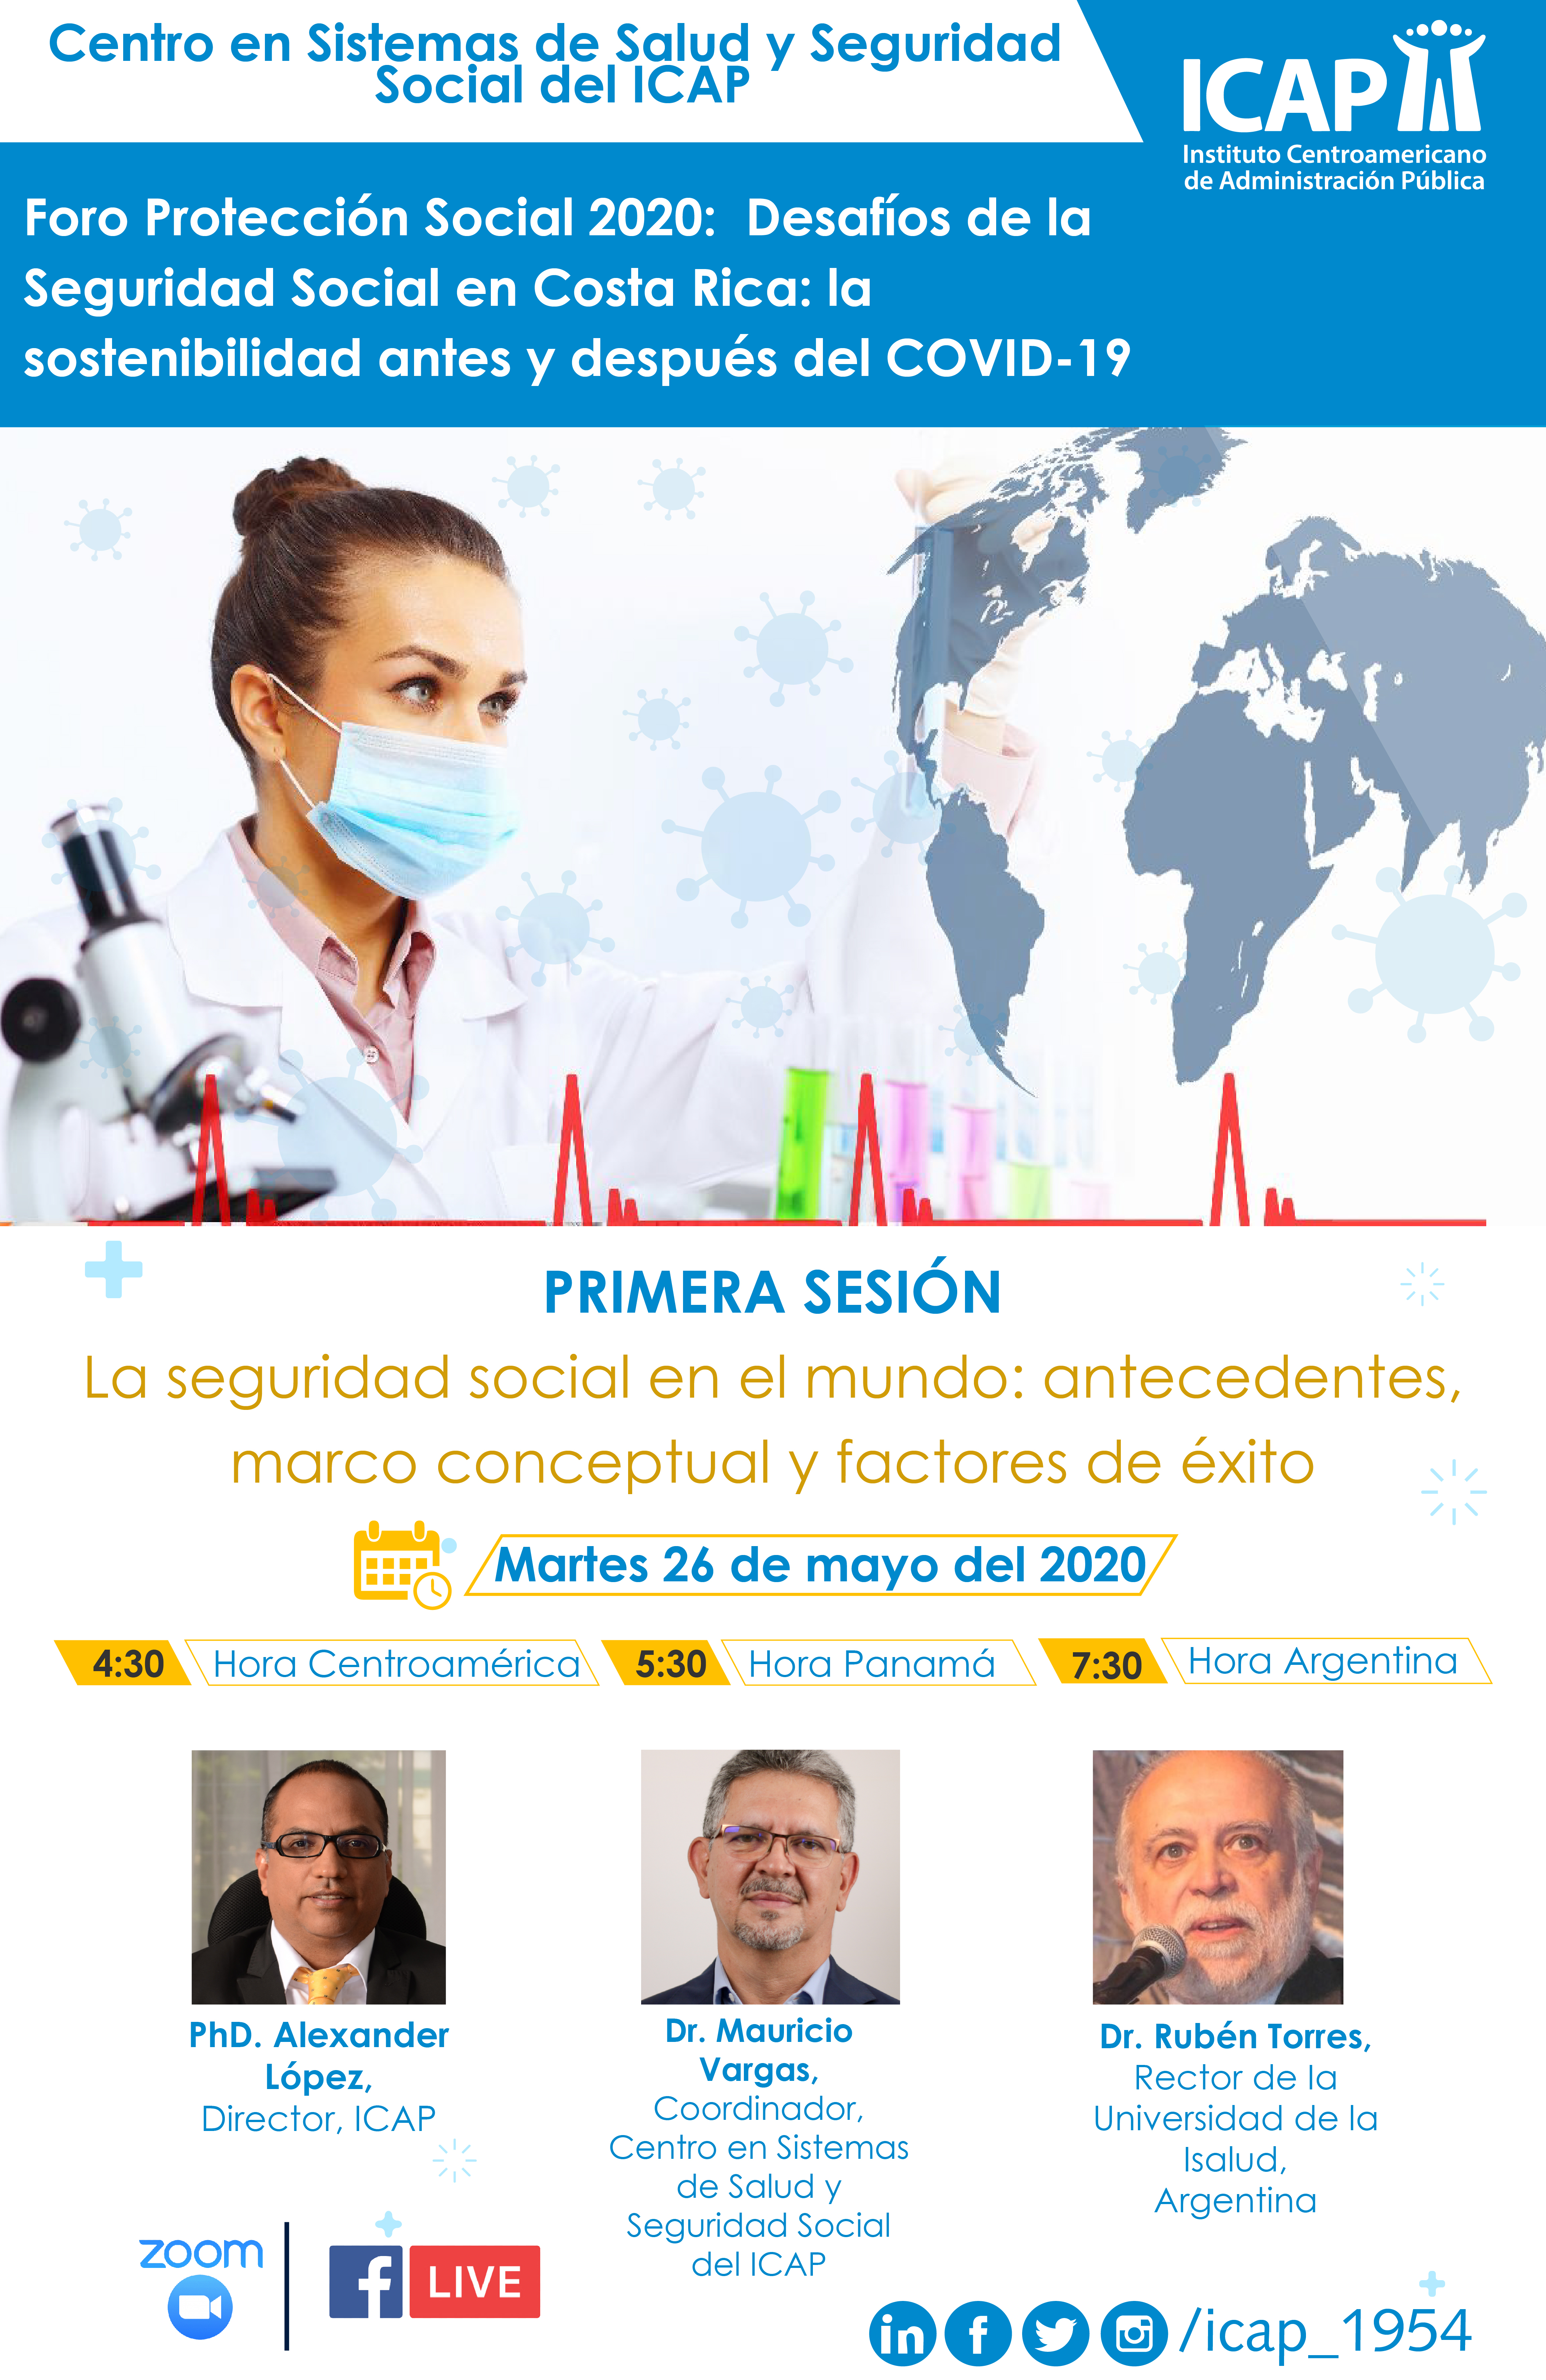 Una invitación a reflexionar sobre los ¿desafíos y retos de la Seguridad Social en Costa Rica en el escenario COVID-19?